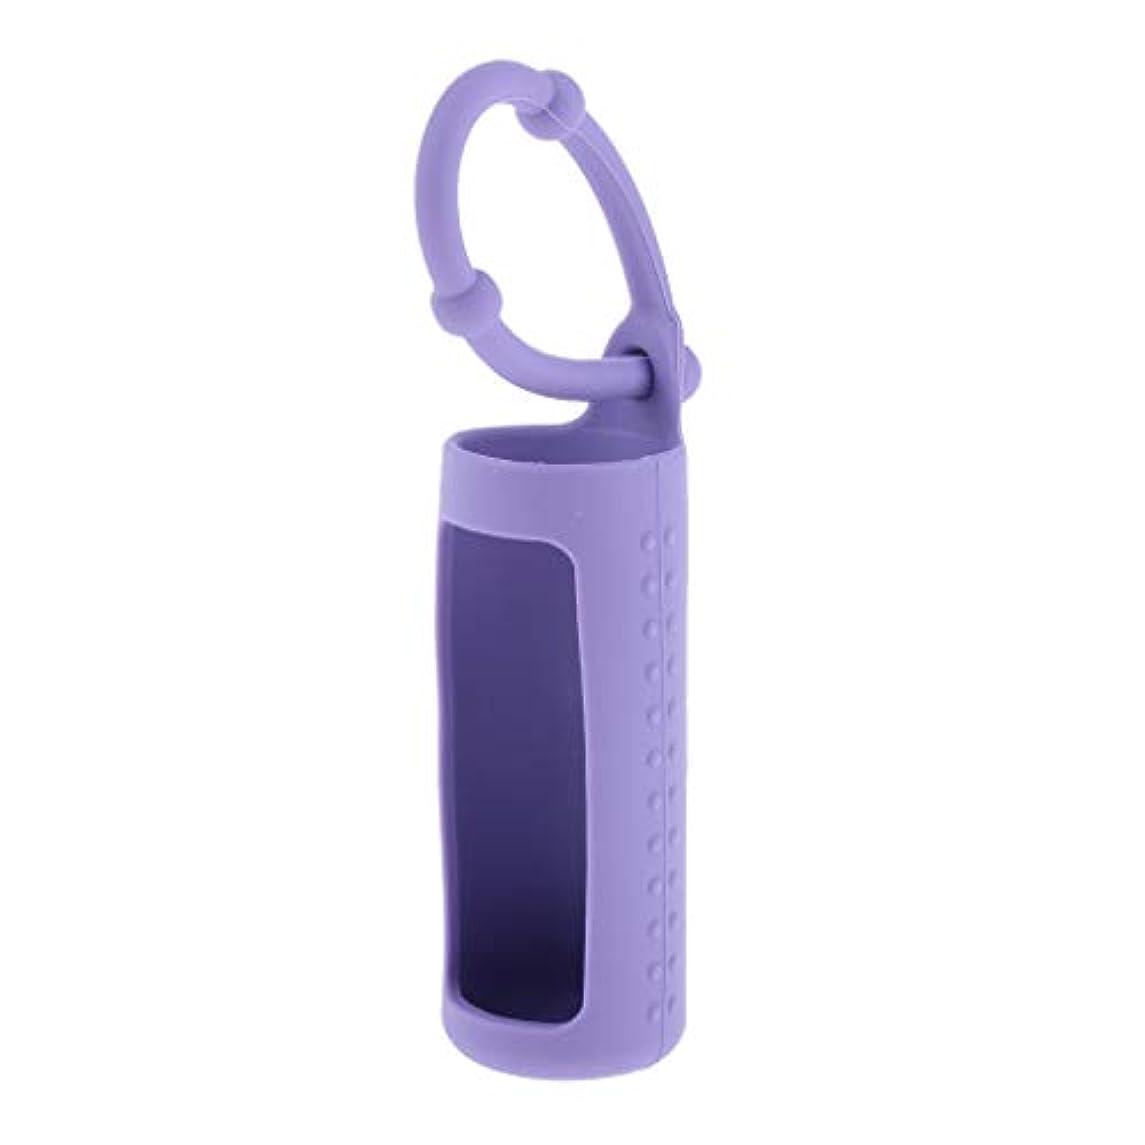 フォーマル牛葉っぱdailymall エッセンシャルオイル 精油 香水ボトル ホルダー 詰替え容器 吊り掛け 10ml 全6色 - 紫